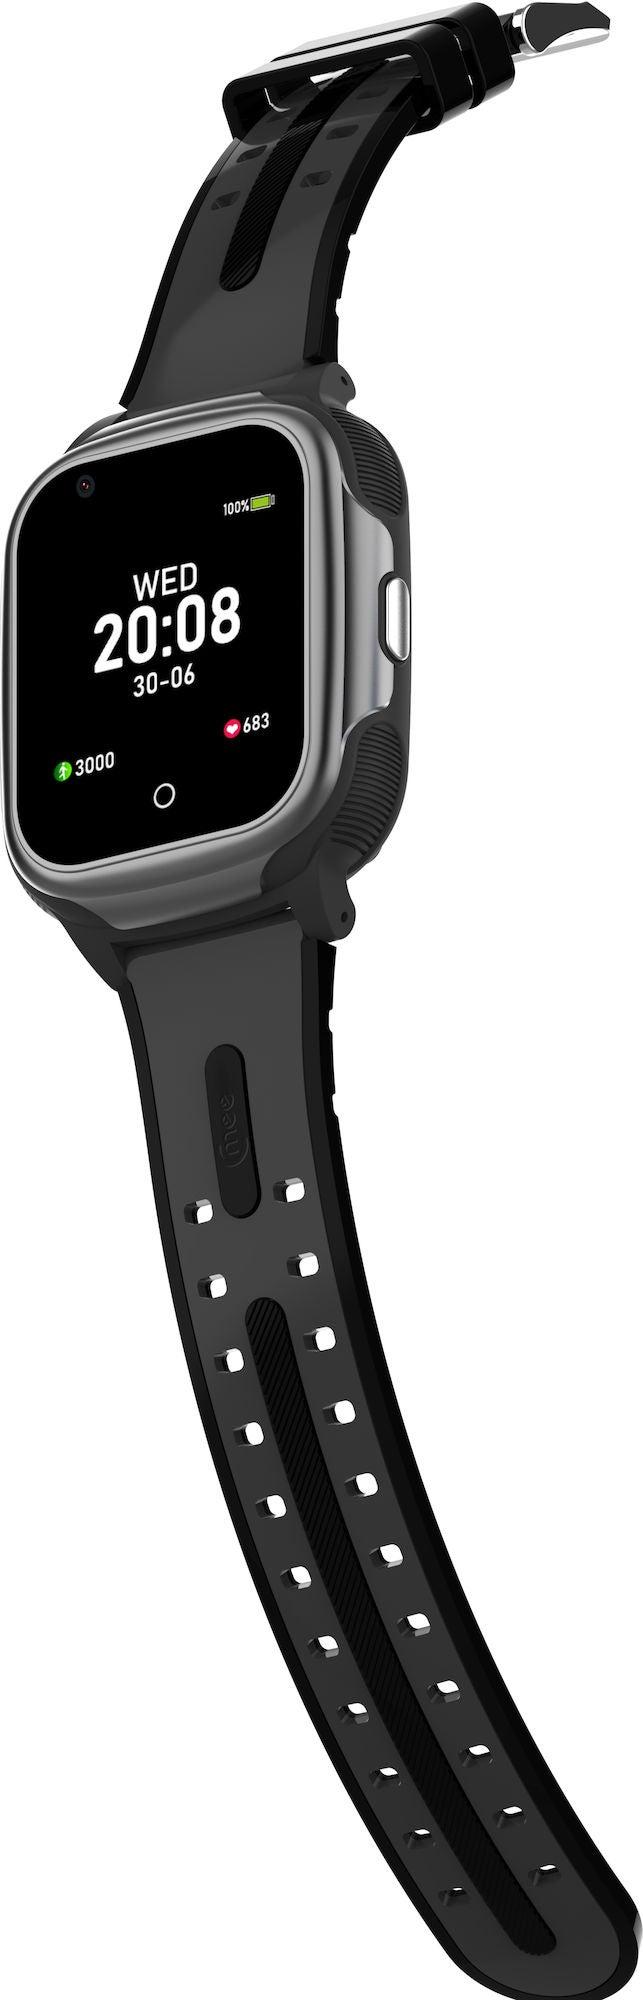 Cmee Play Skal till GPS-klocka, Black